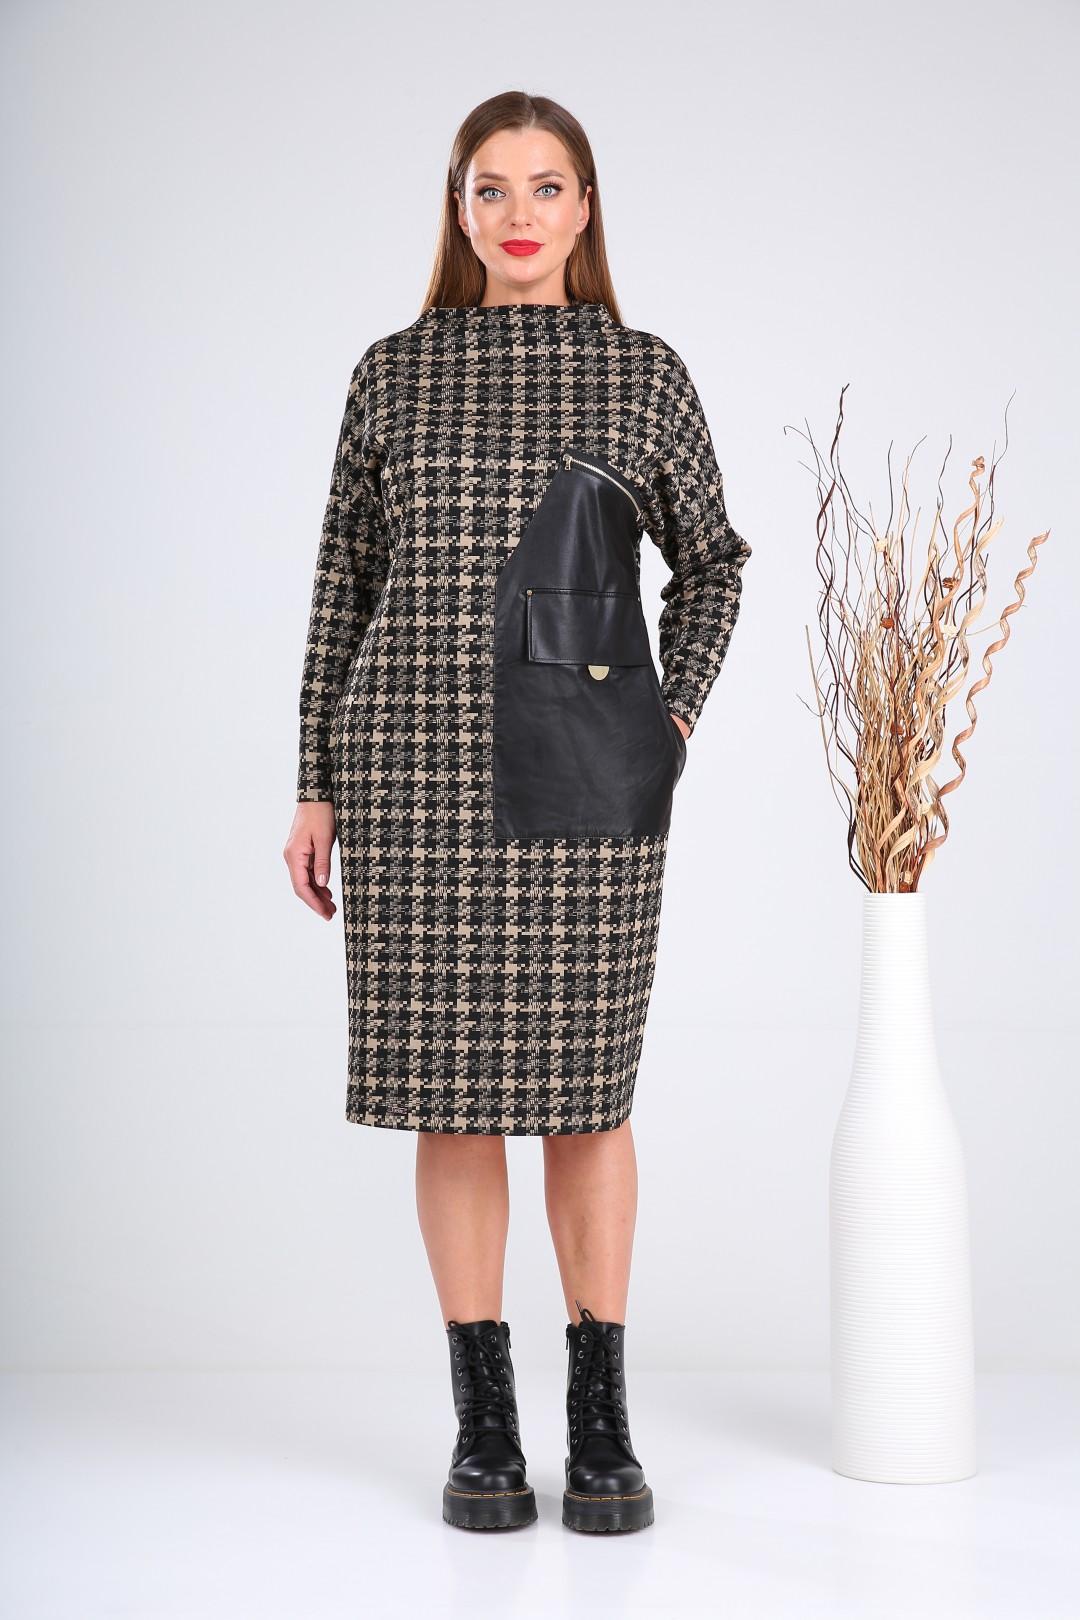 Платье Верита 2128 черный+бежевый